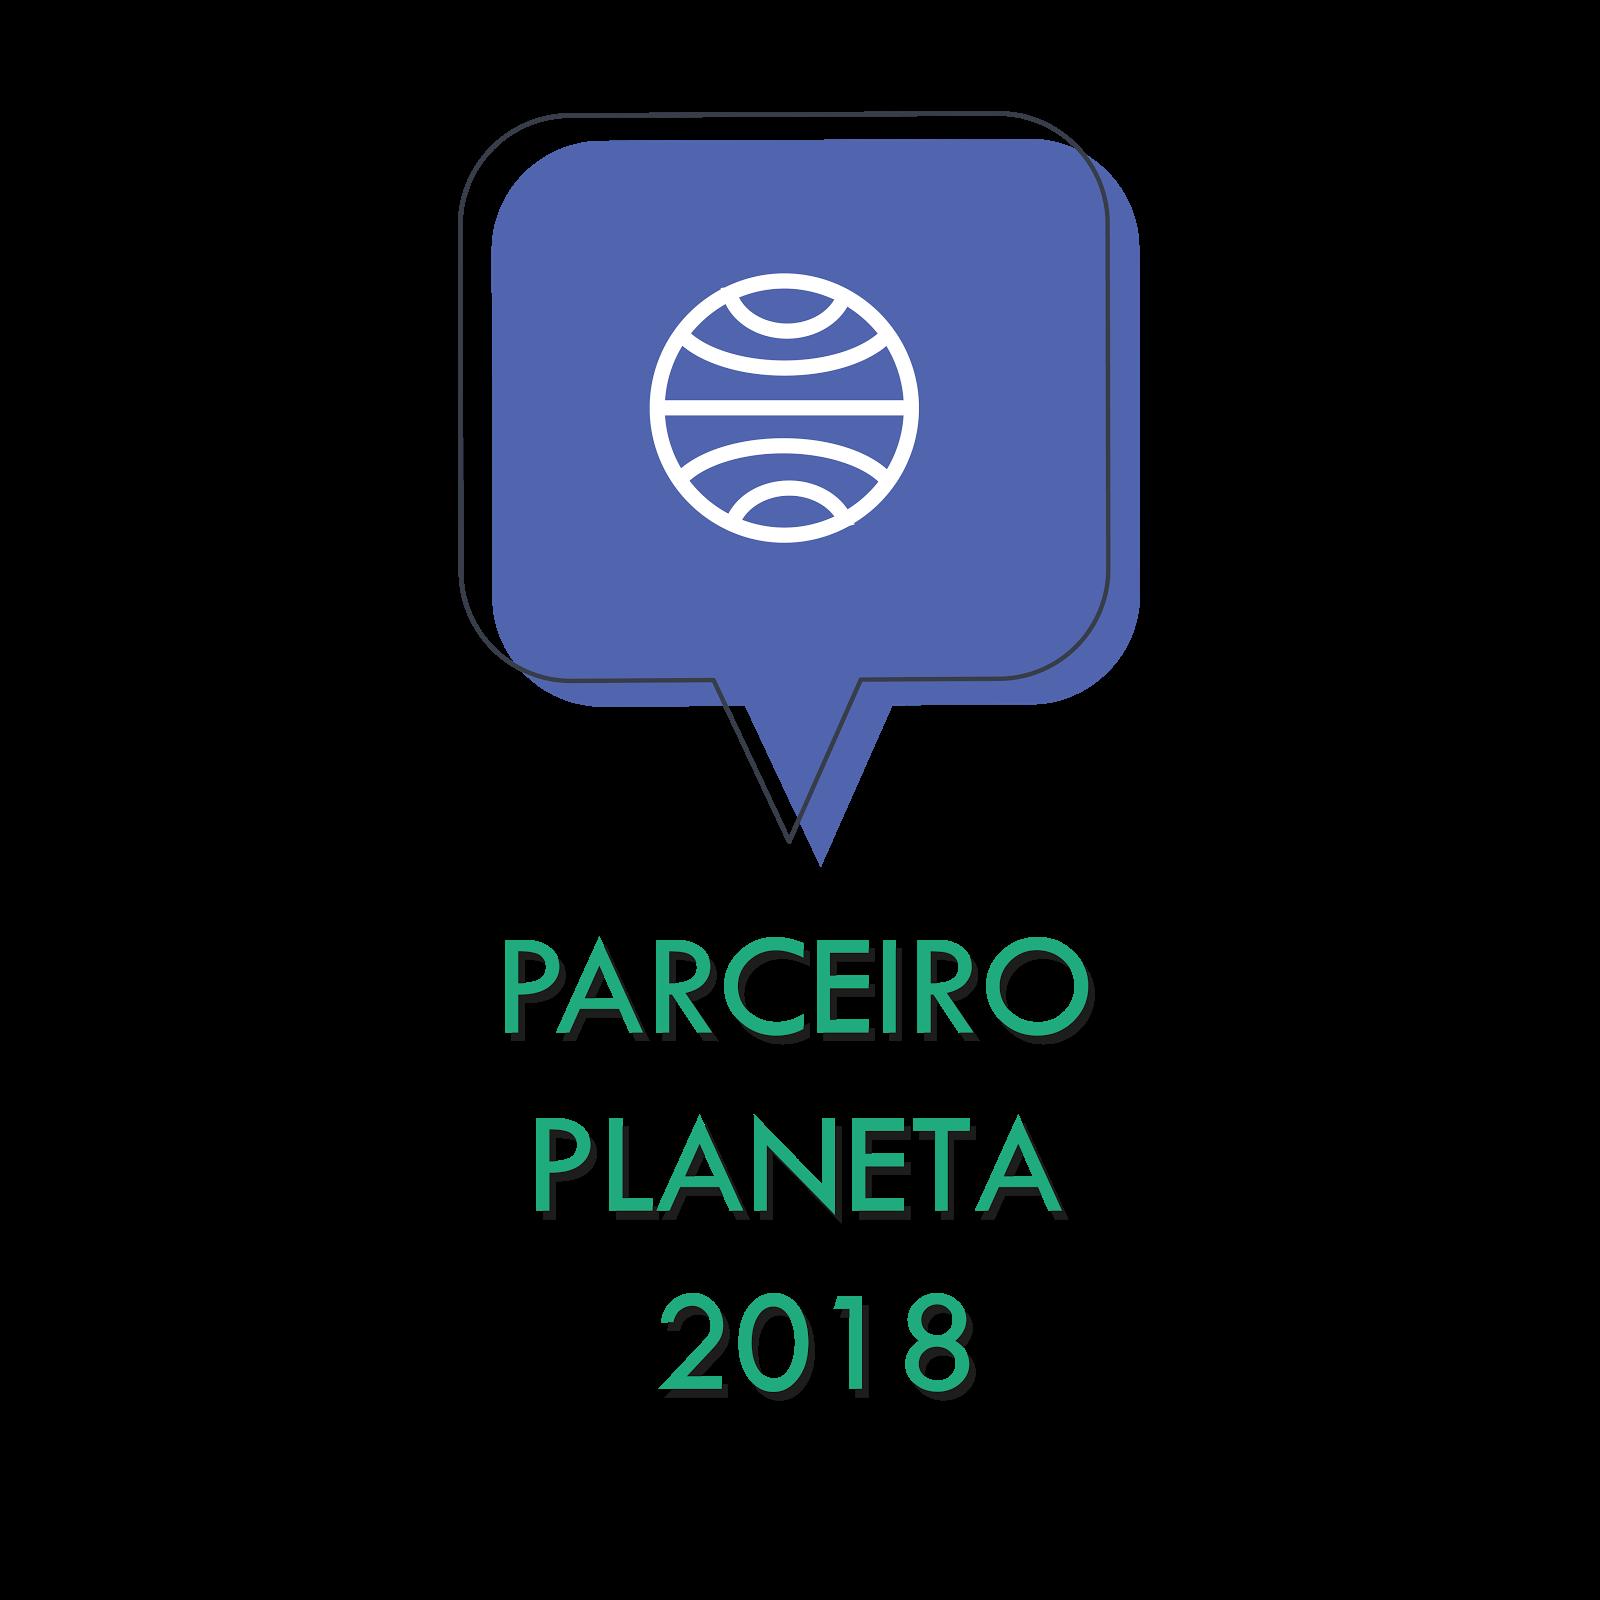 http://www.planetadelivros.com.br/